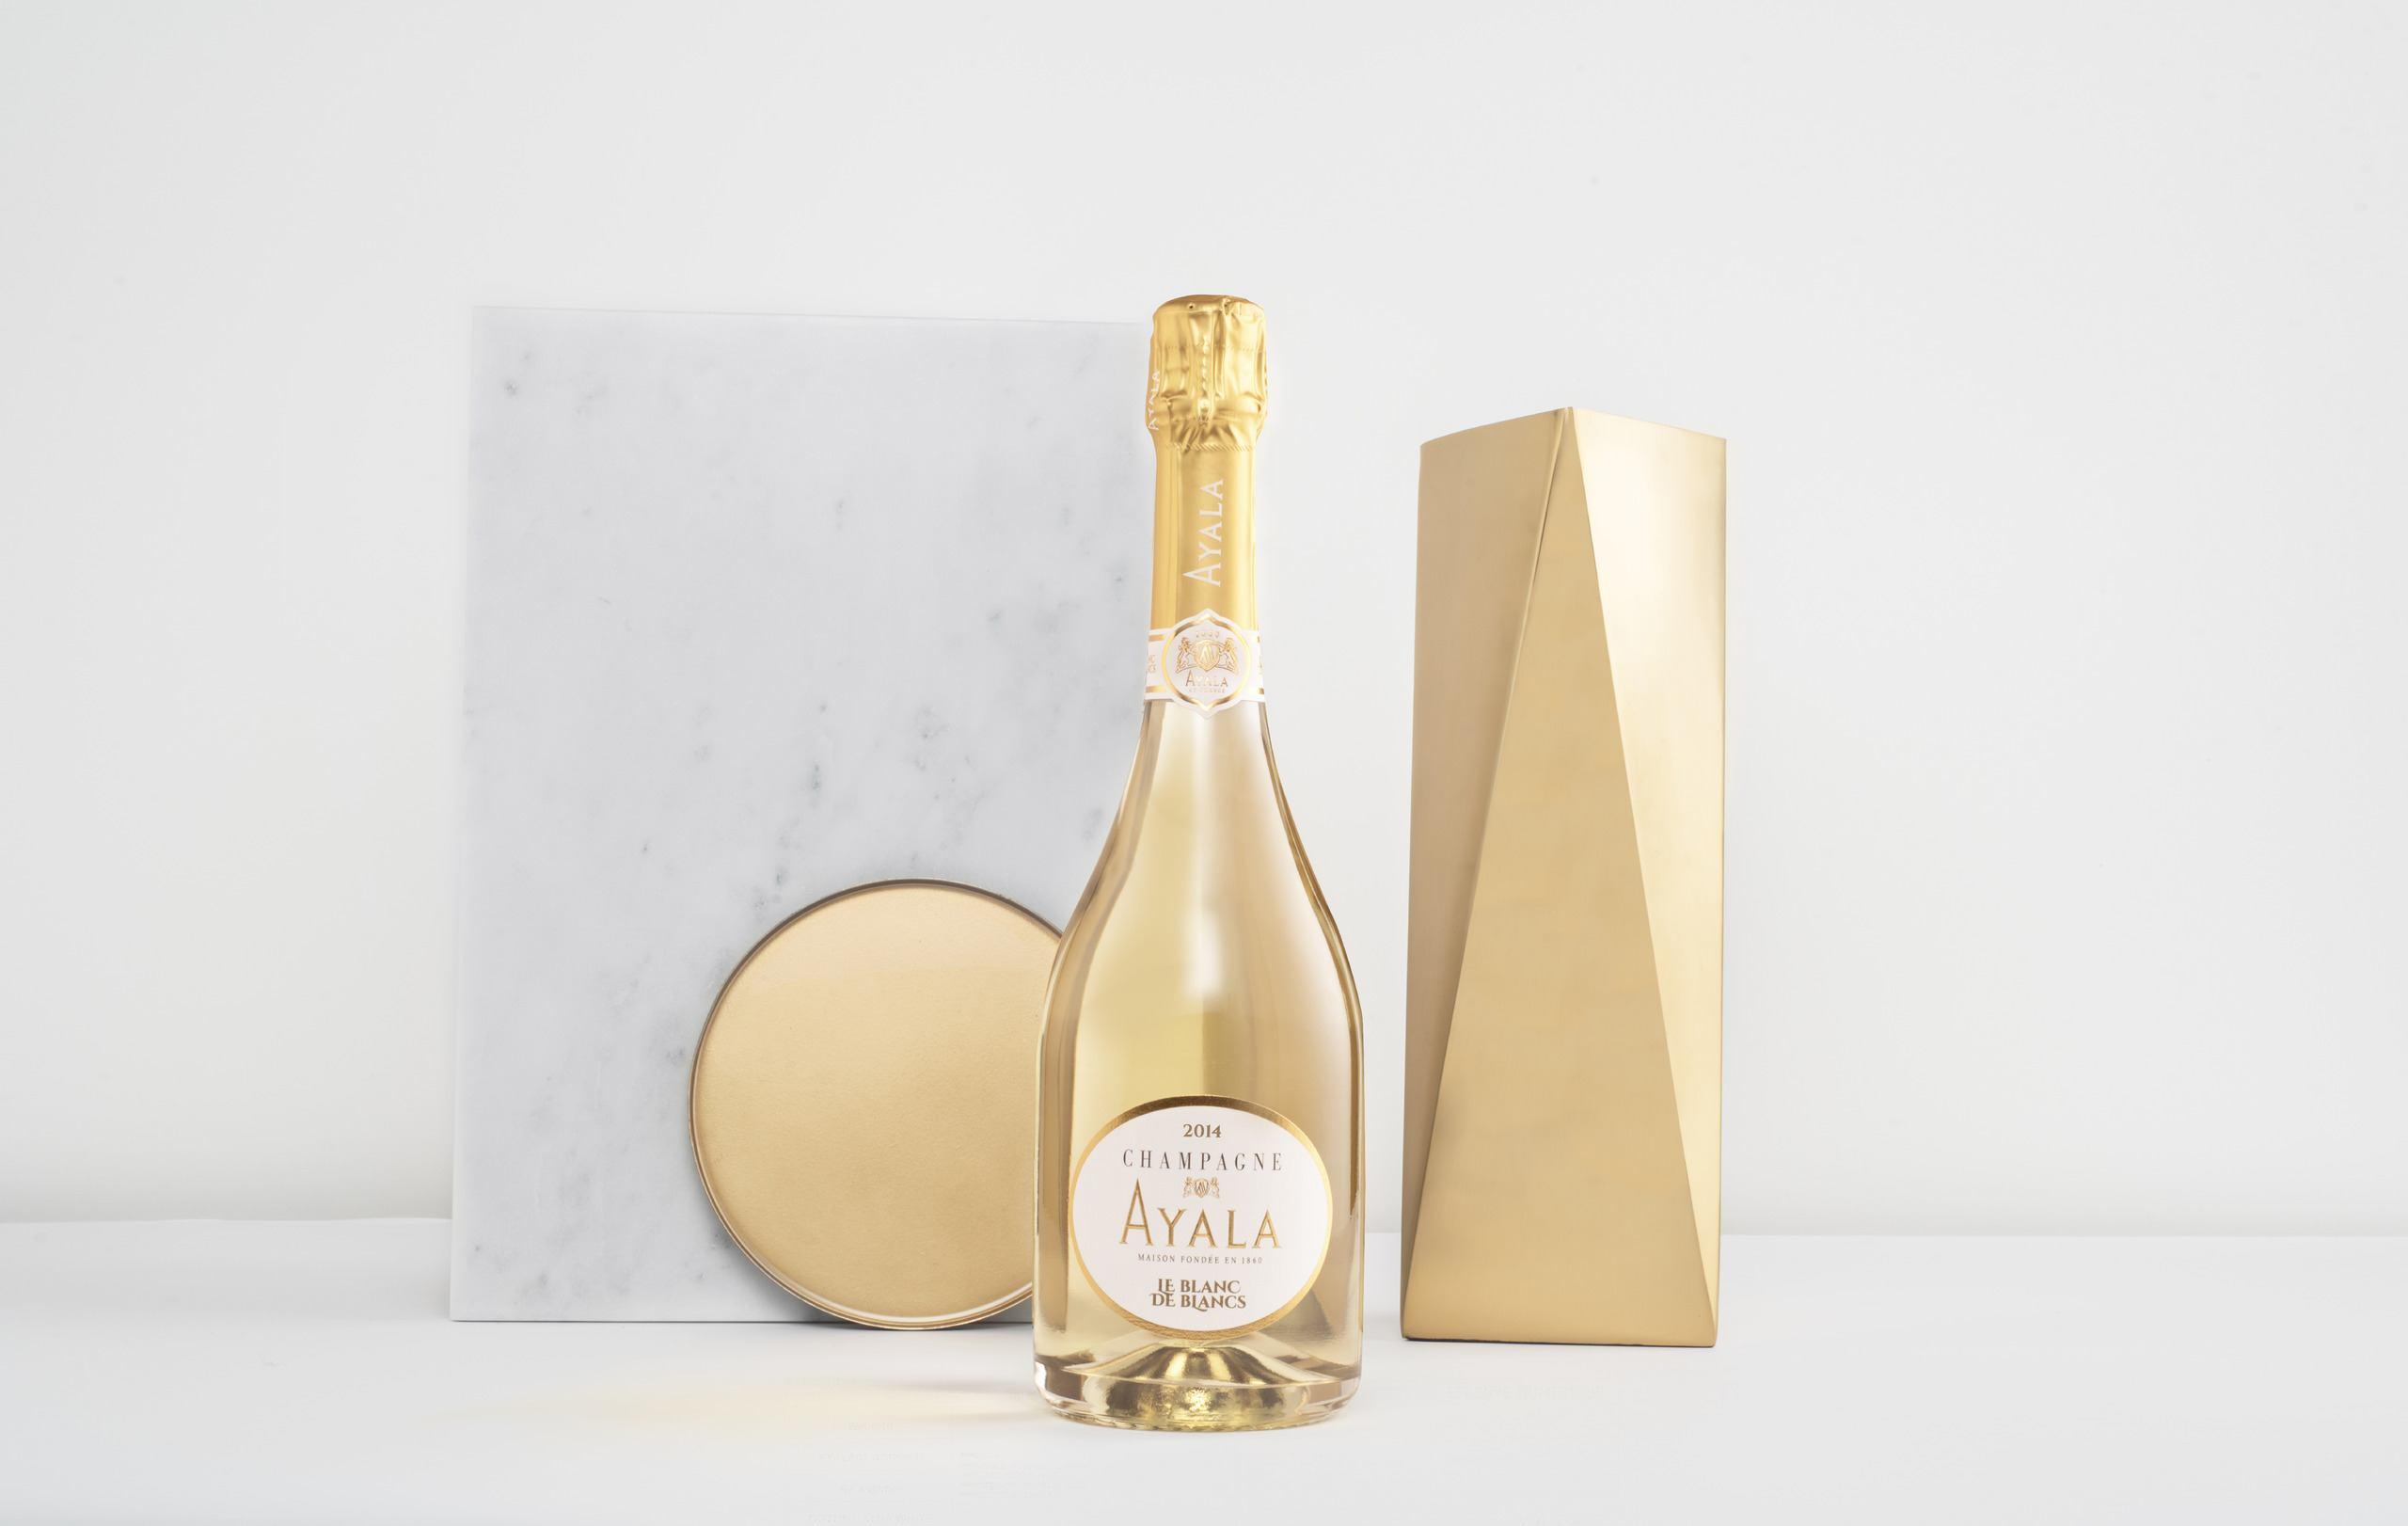 Le Blanc de Blancs - Champagne Ayala